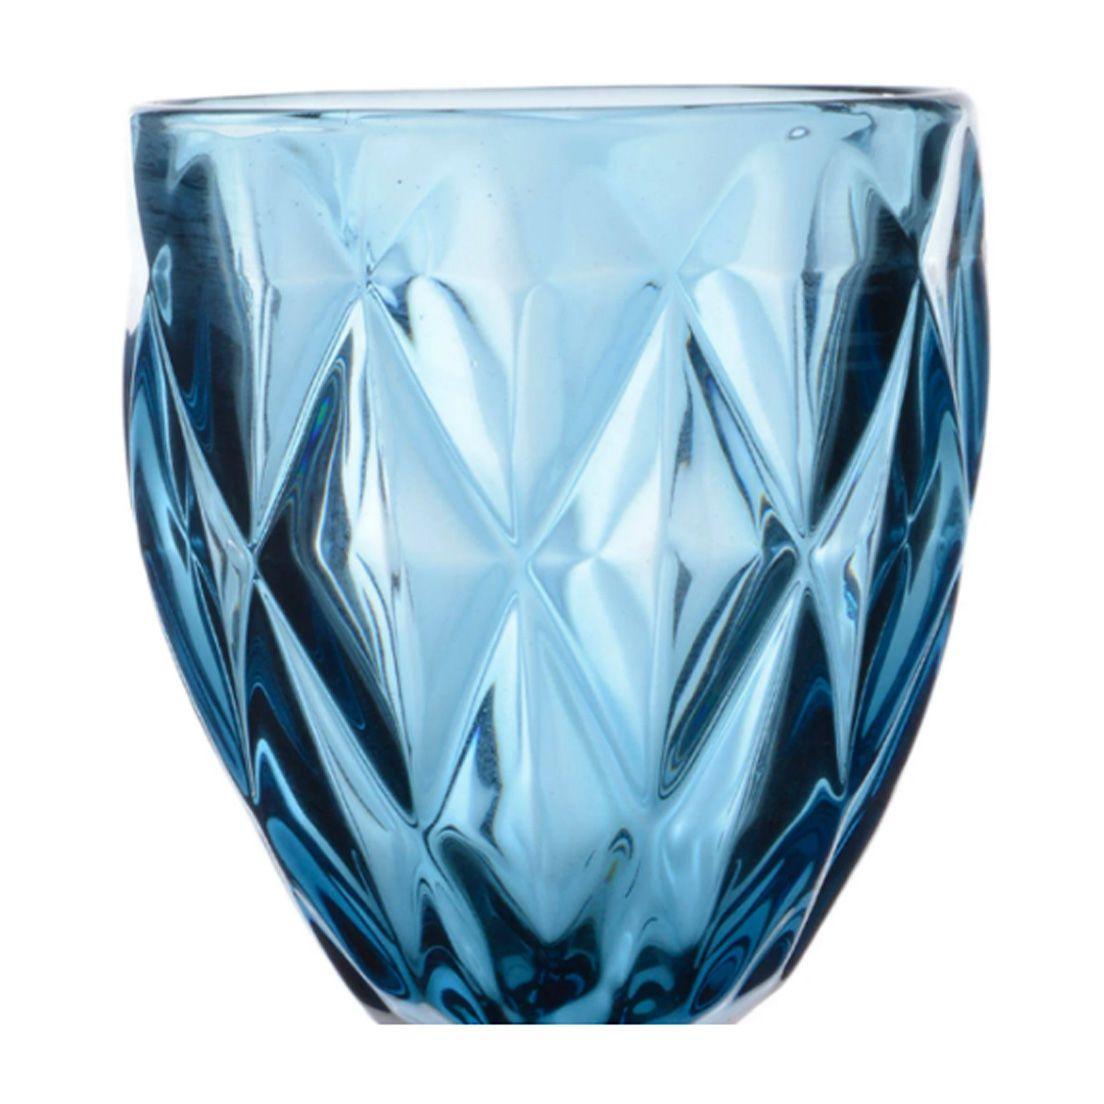 Jogo de Taças Class Home Diamante 210ml para Vinho de Vidro Azul 6 Peças